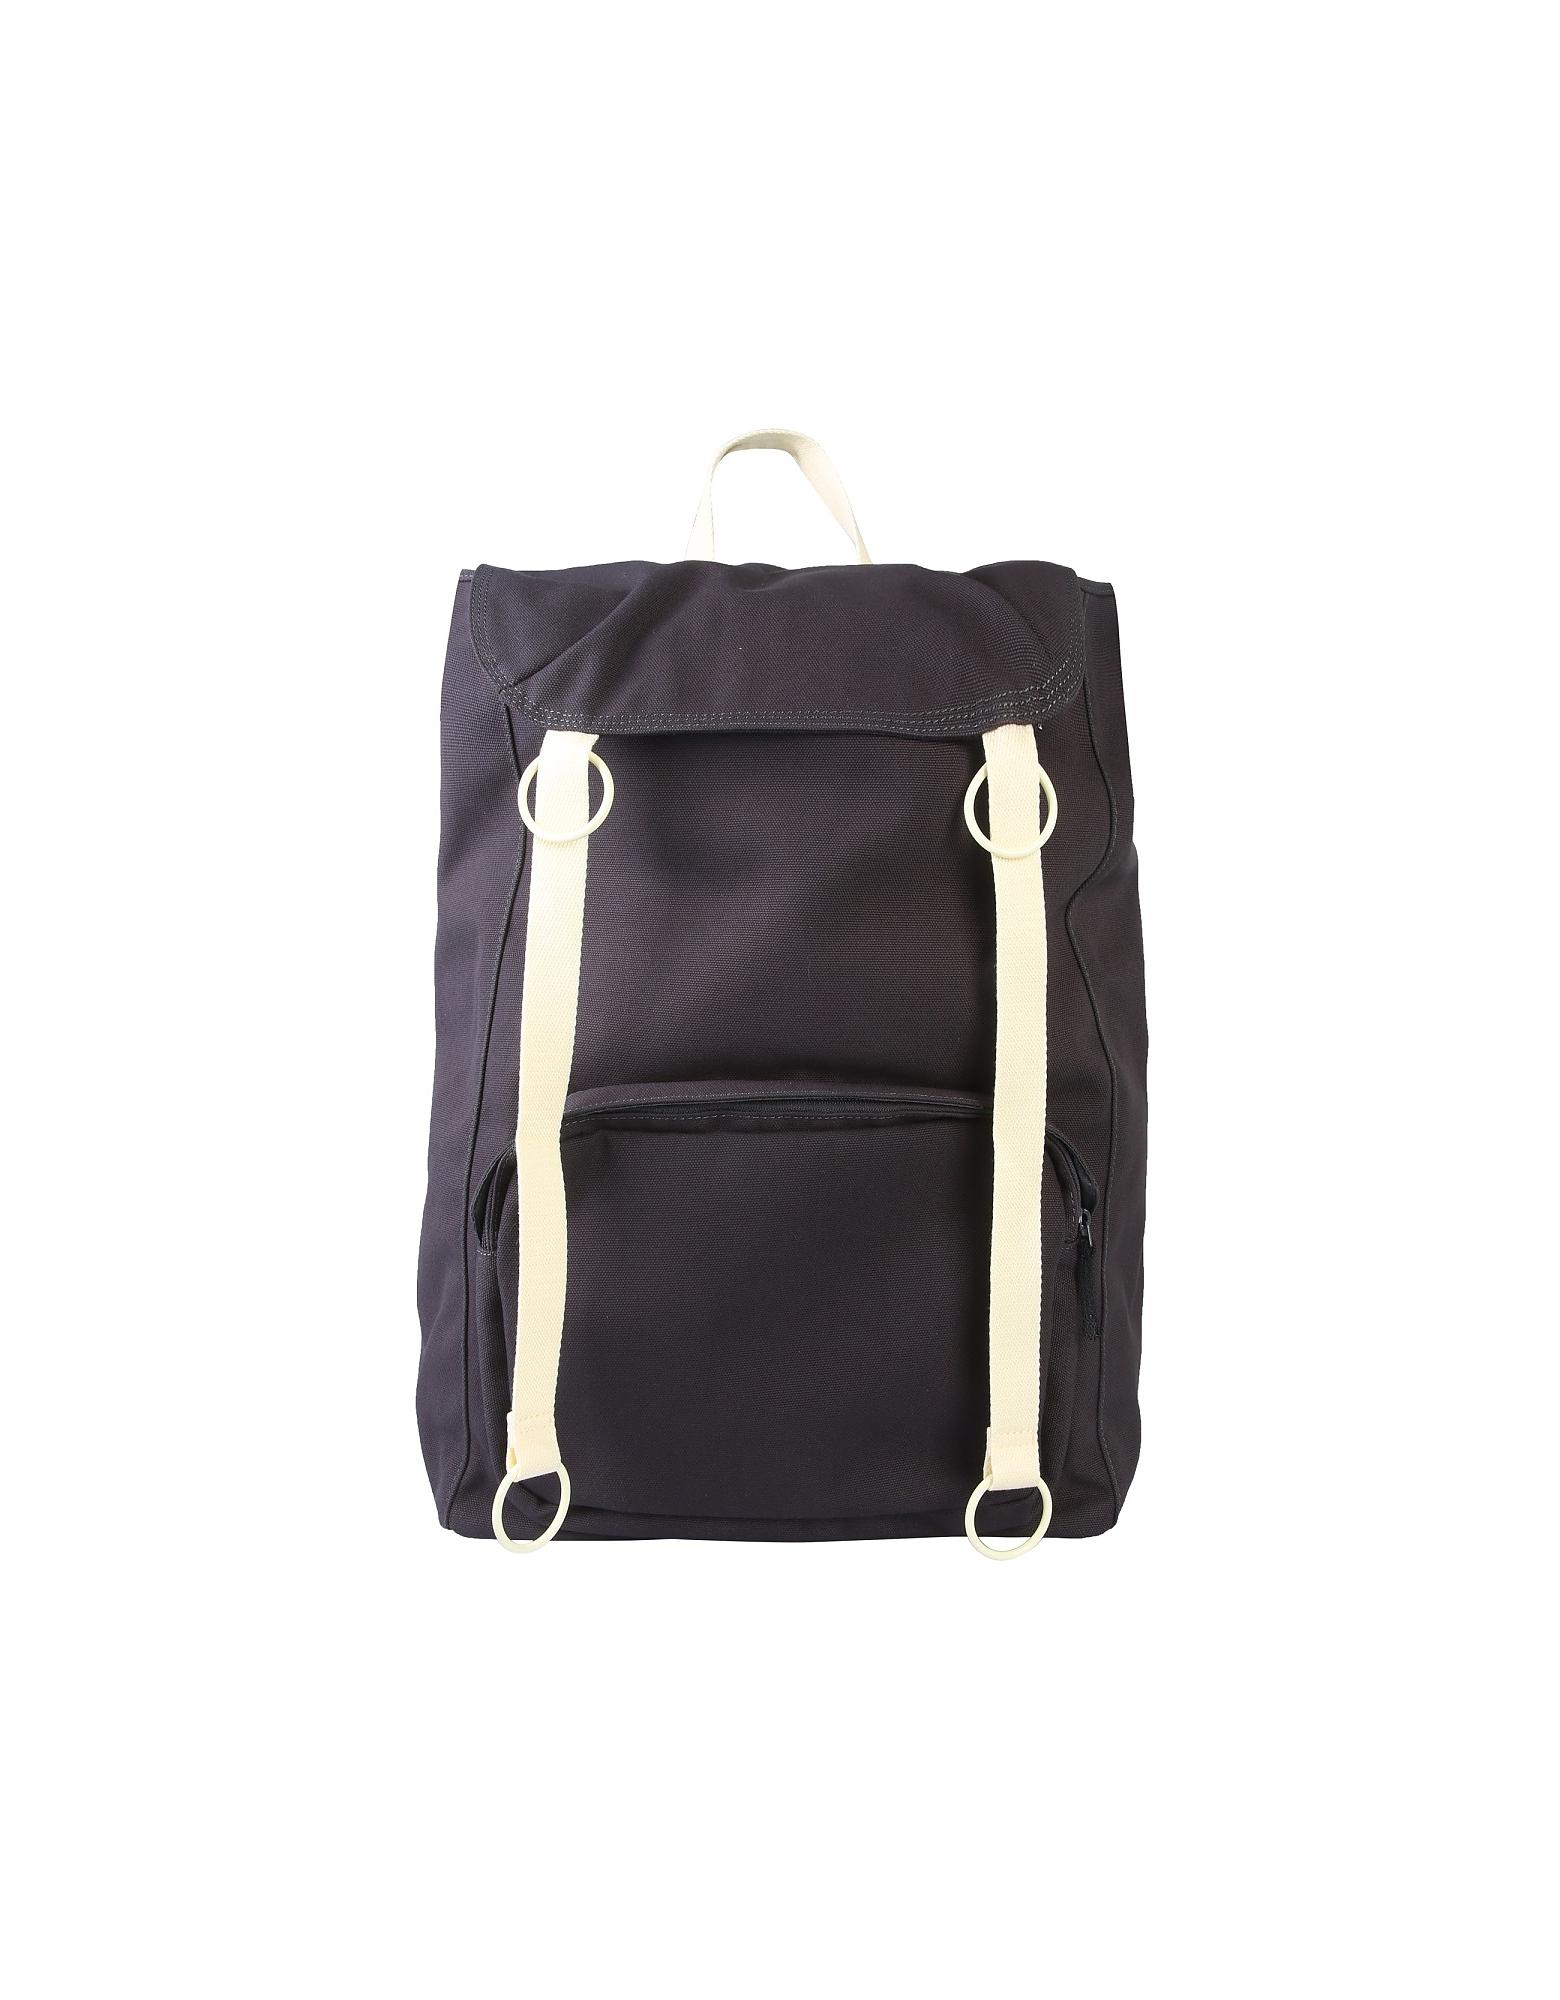 Raf Simons Designer Men's Bags, Raf Simons X Eastpak Topload L Loop Backpack